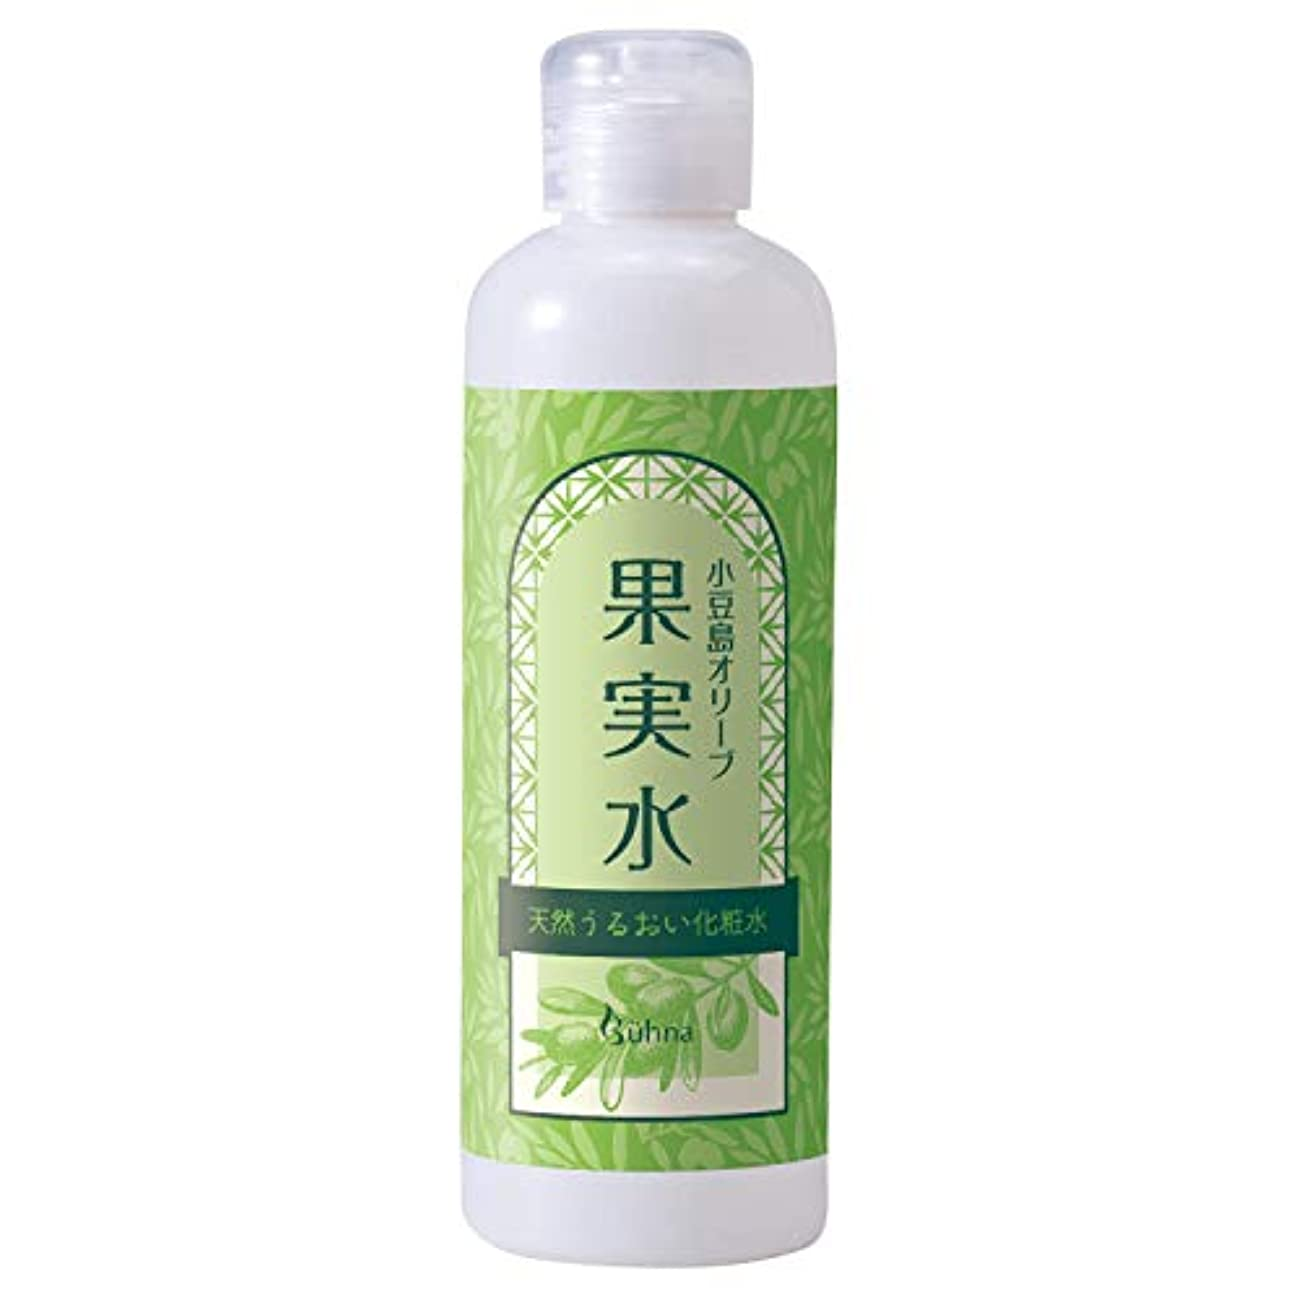 工業用医療の名声ビューナ 小豆島オリーブ果実水 化粧水 保湿 オリーブオイル 無着色